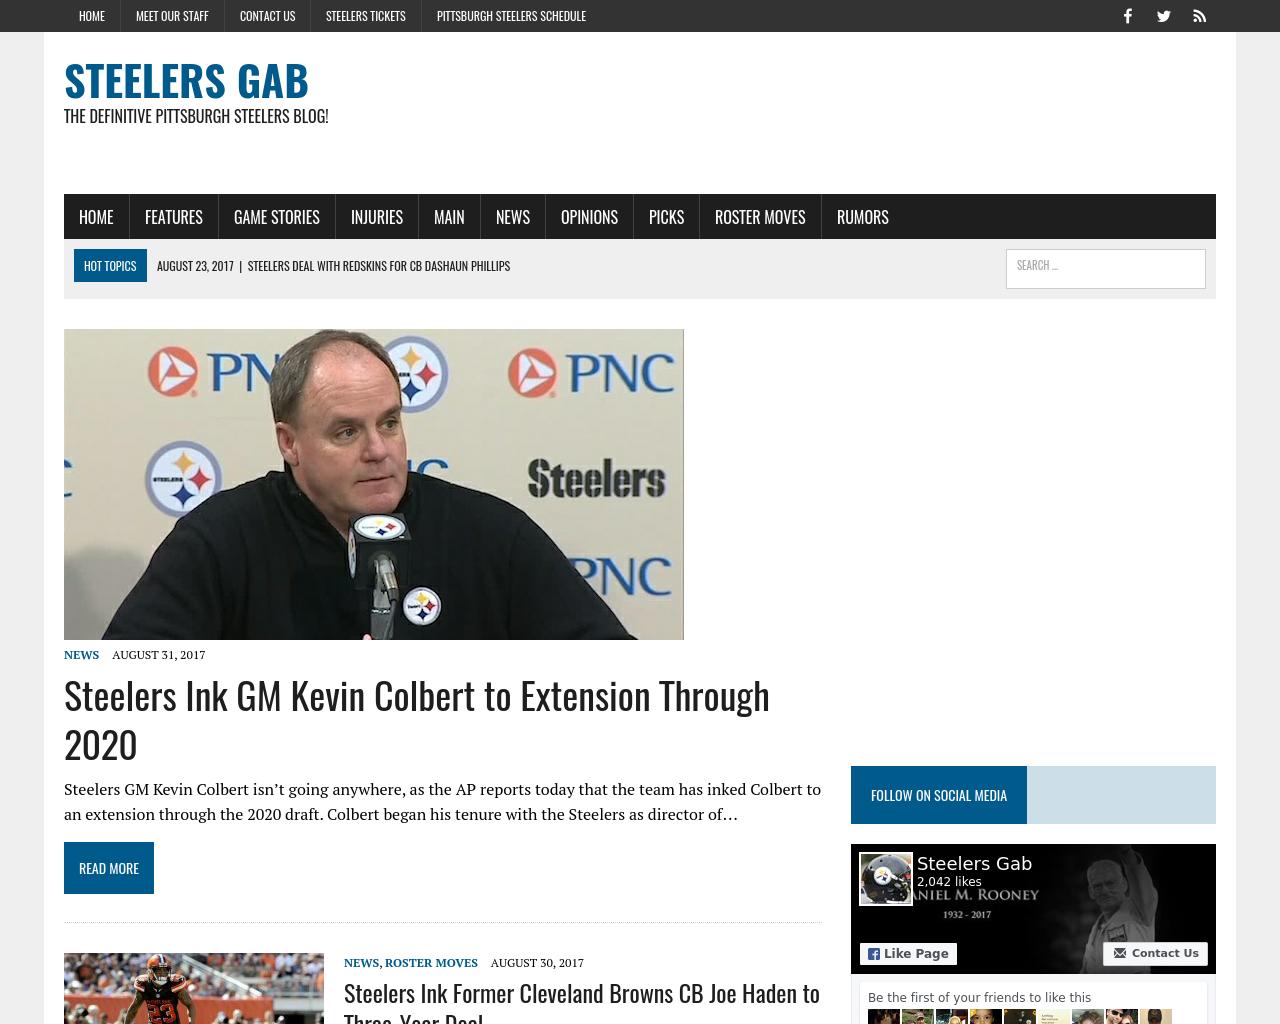 Steelers-Gab-Advertising-Reviews-Pricing